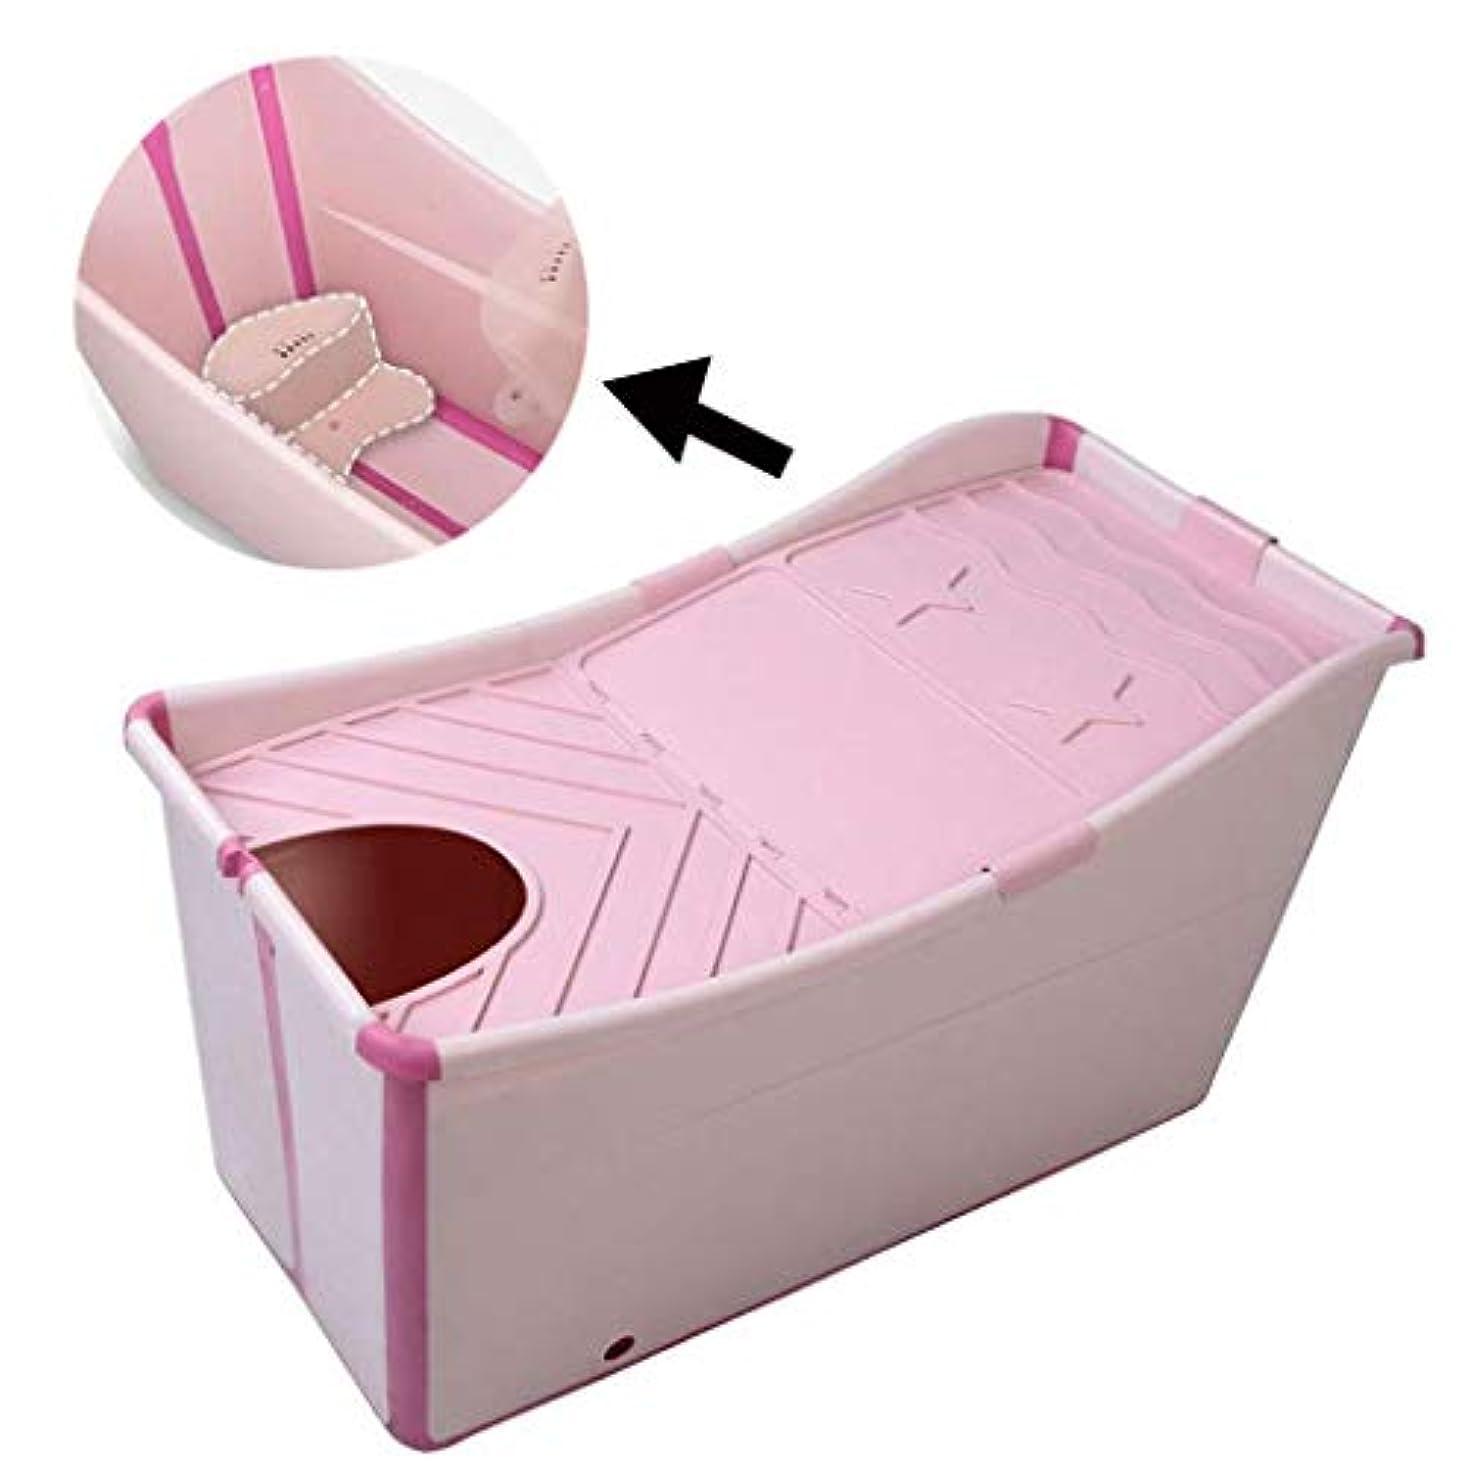 ステーキ付き添い人愛国的なジャンボ折り畳み浴槽に入浴椅子があり、夏のプールの独立式浴槽桶は成人/老人、子供、SPA理学療法に適していて、浴槽がさらに高くなって、長い保温時間に蓋が付いています (Color : Pink)